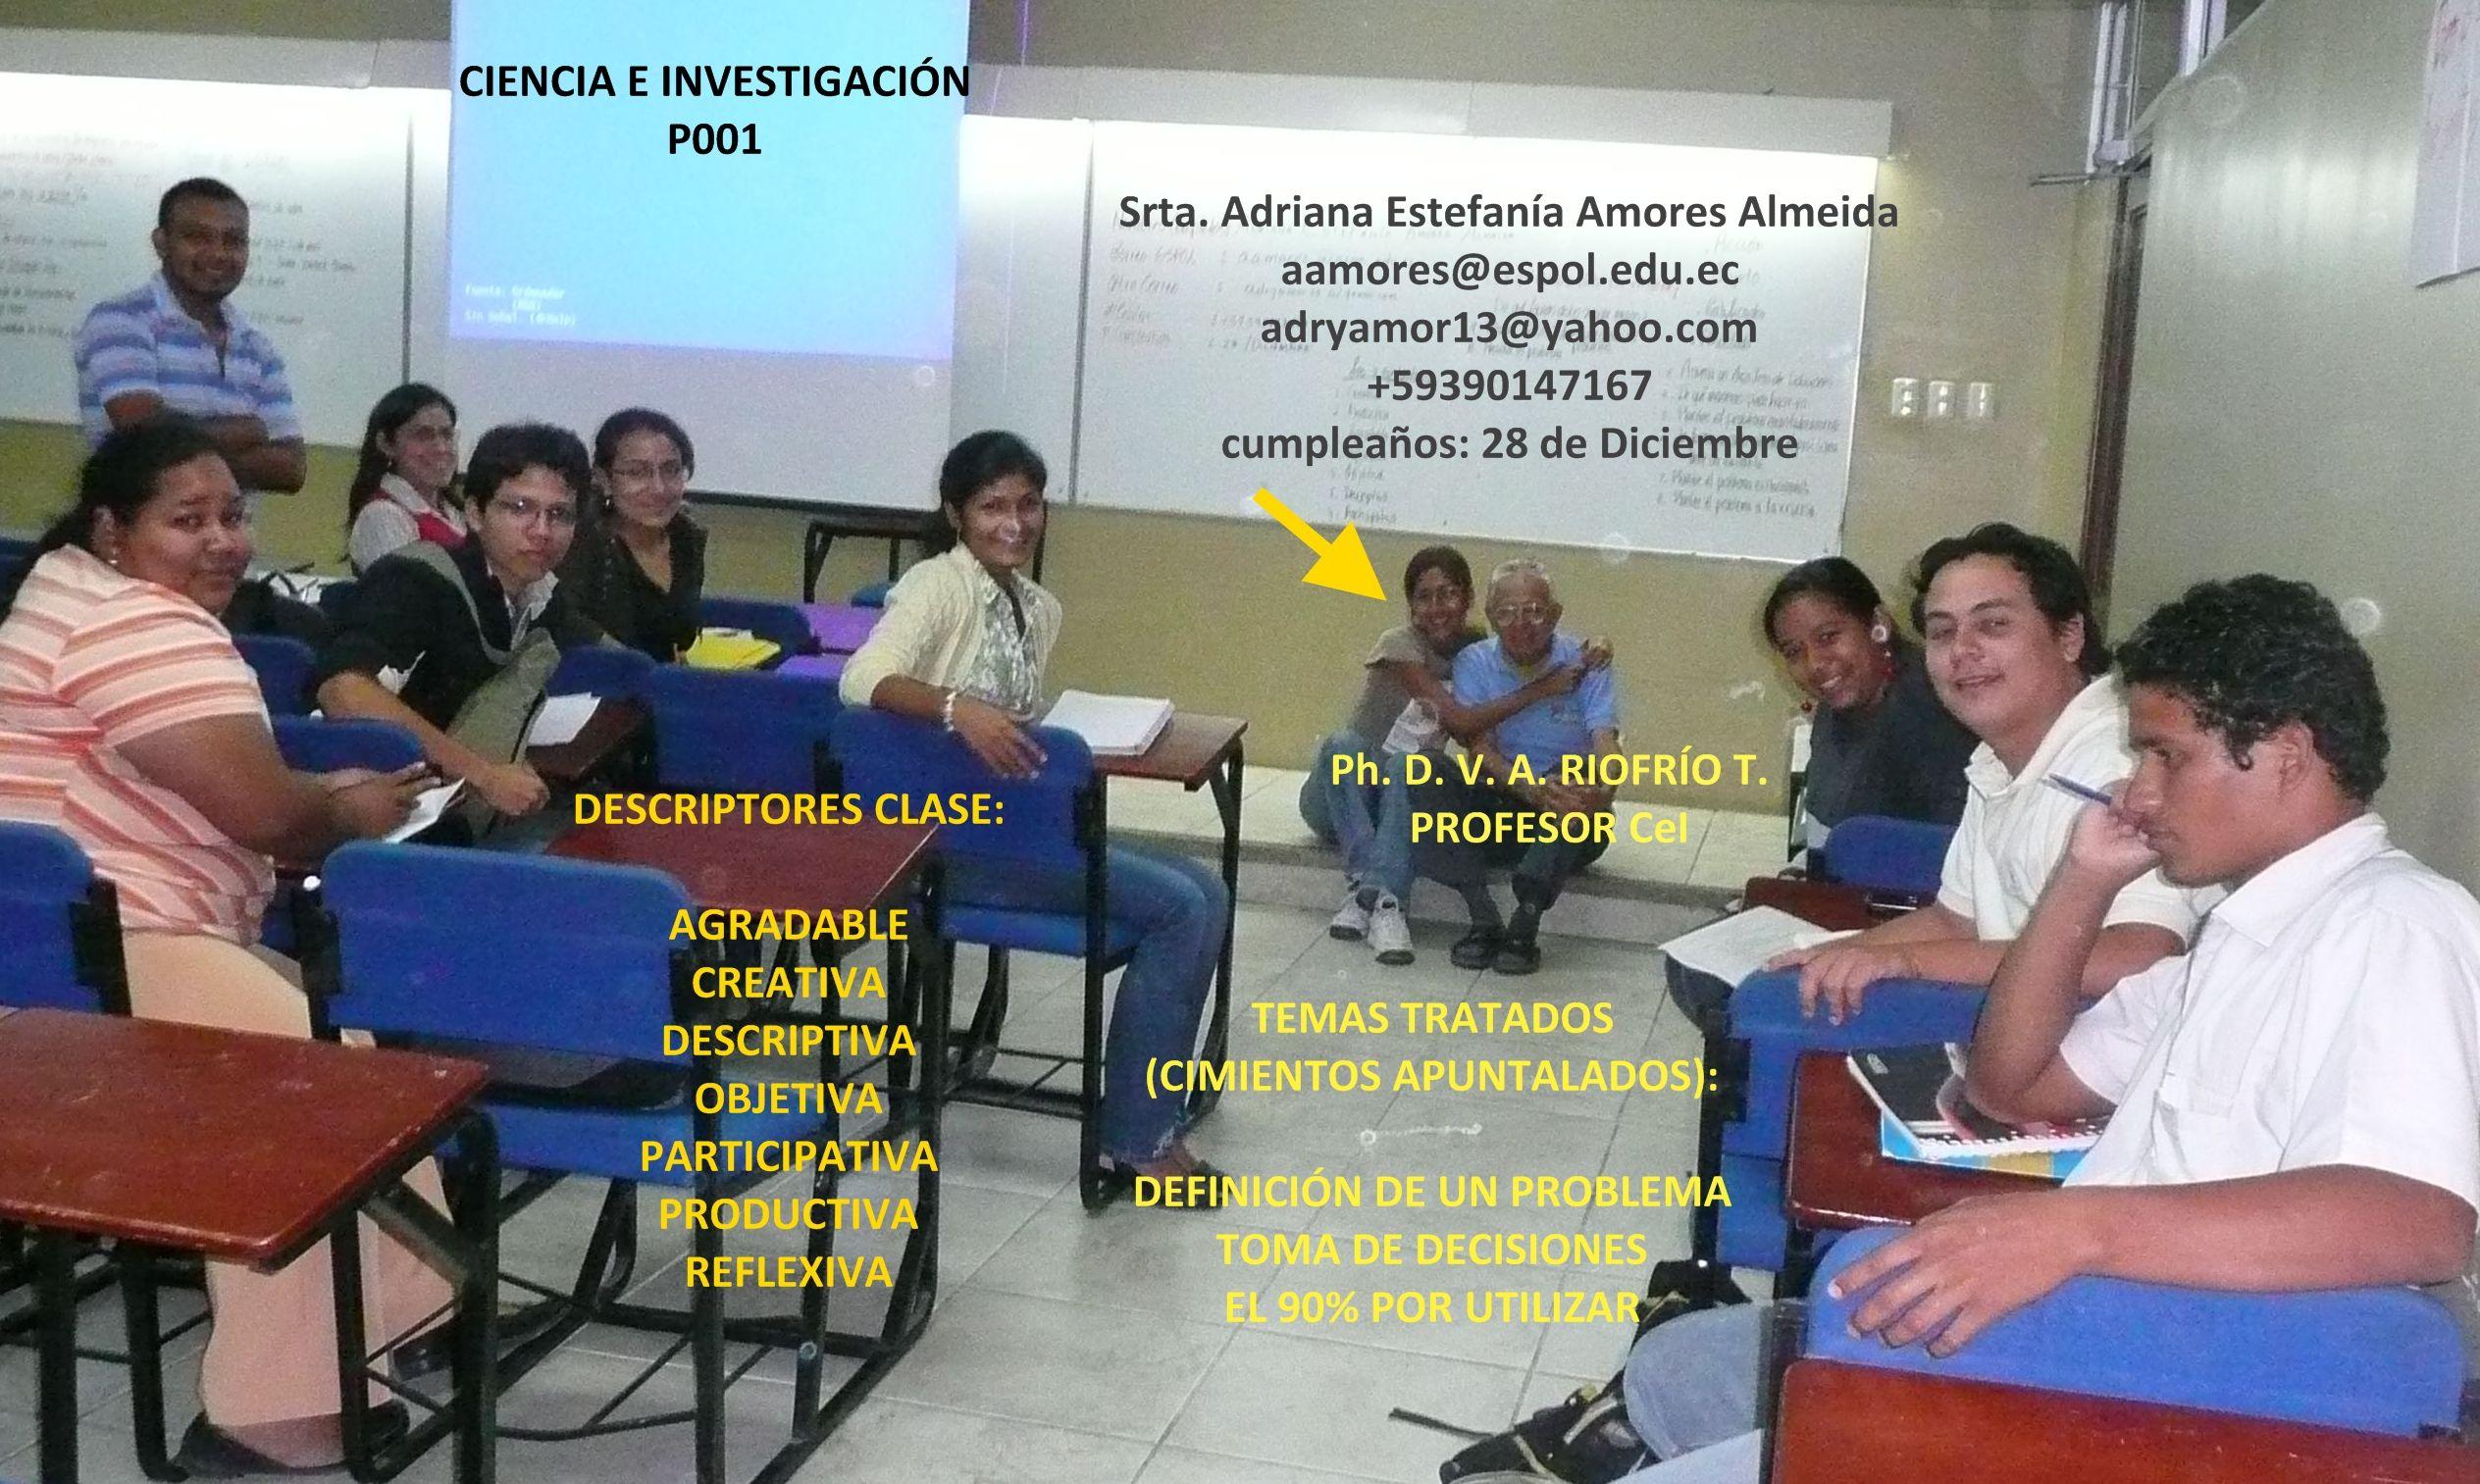 Srta. AdrianA E. Amores A.